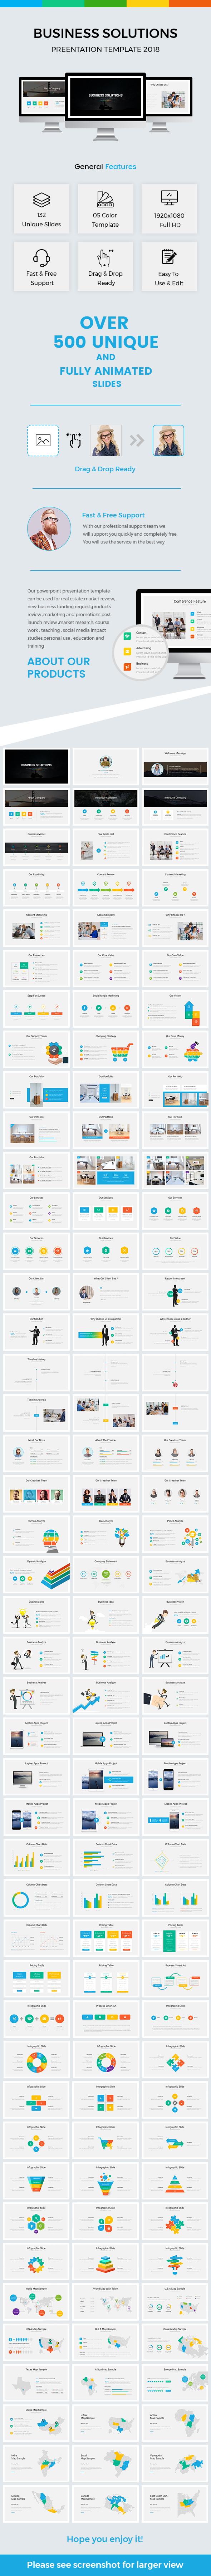 Business Solutions  Google Slide Template 2018 - Google Slides Presentation Templates